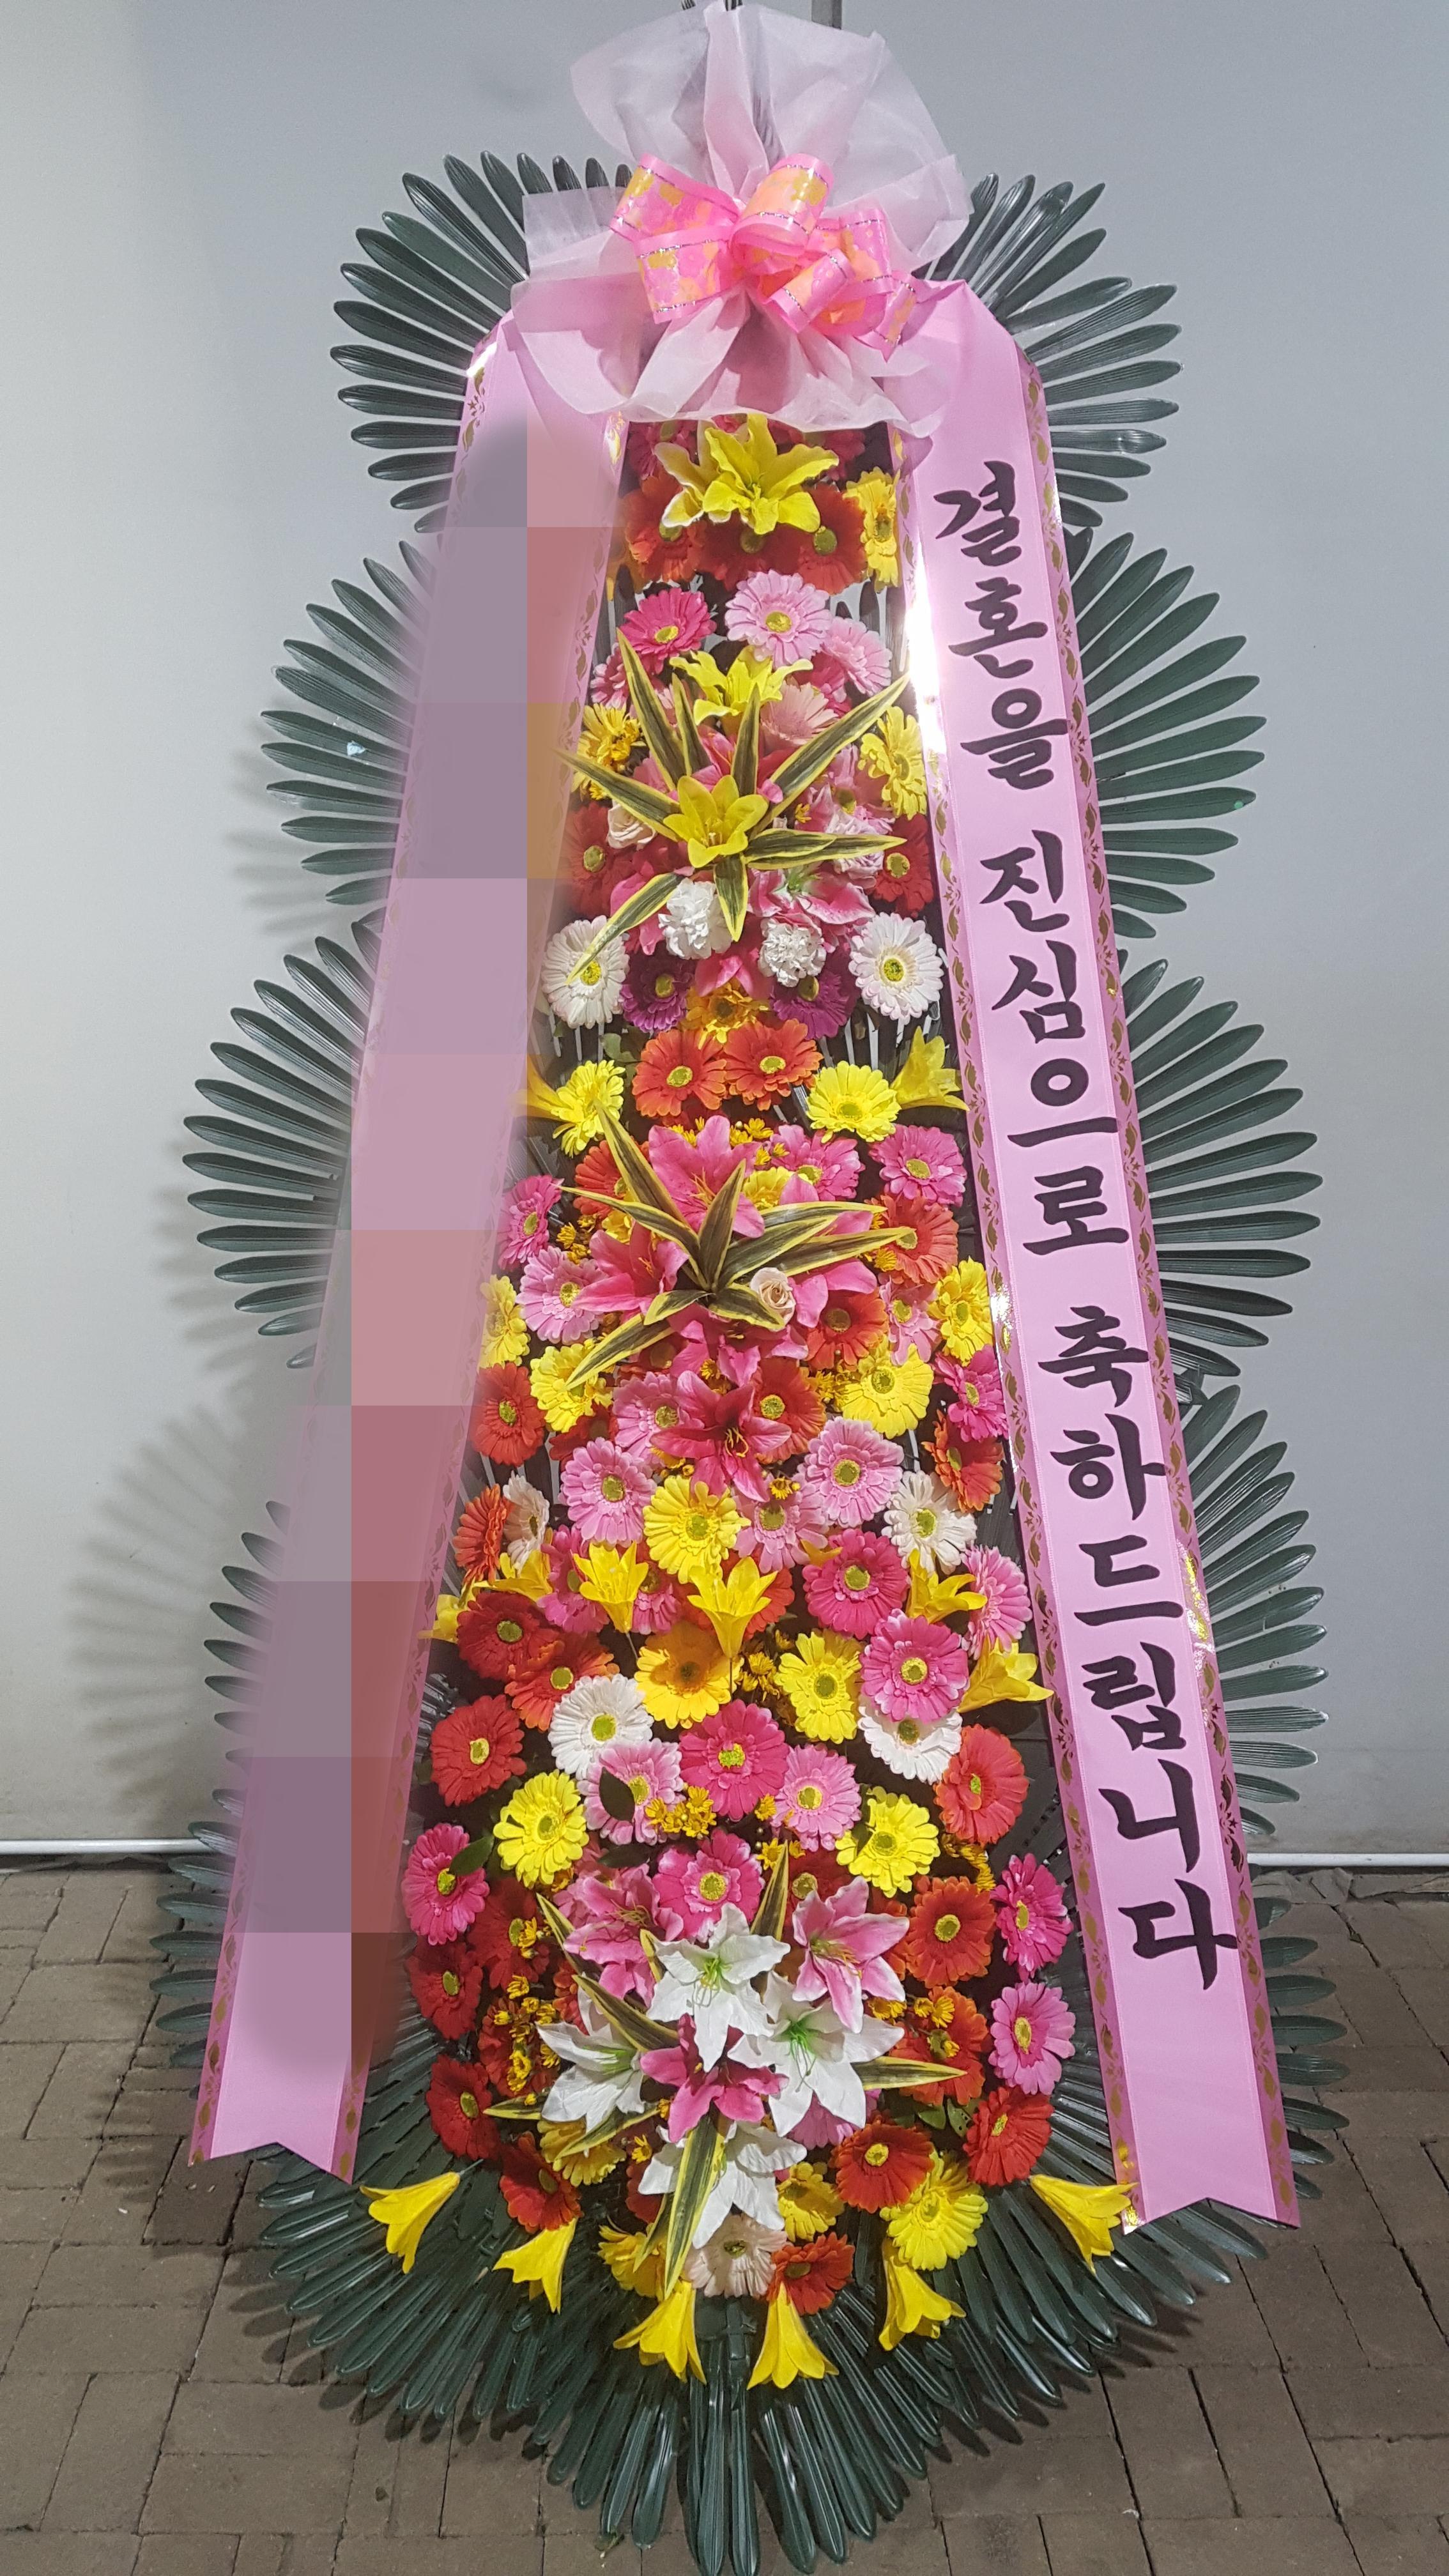 주문자 박ㅇㅇ 서울서대문구으로 배송된 상품사진 입니다